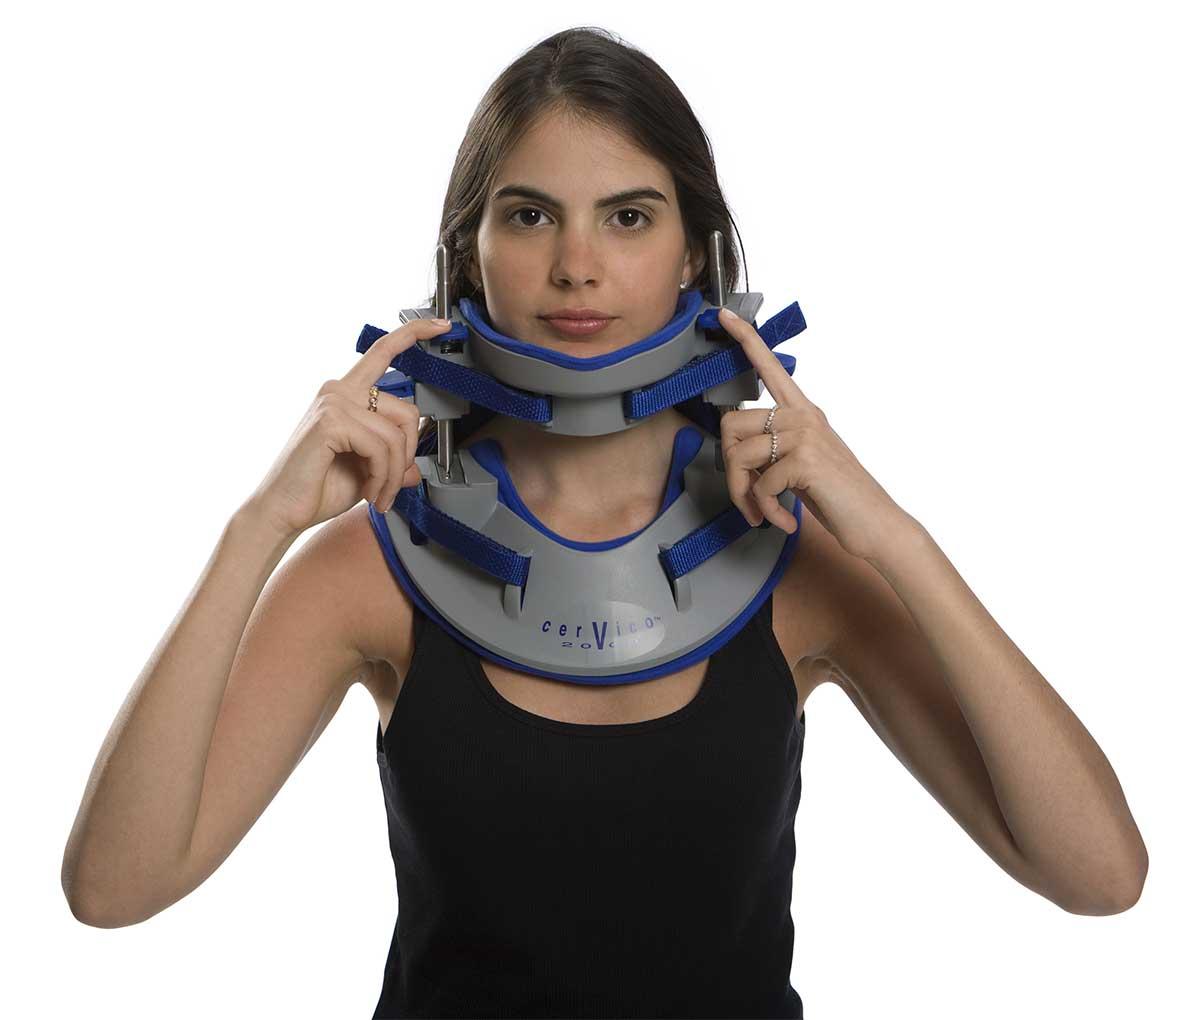 Пристрій для шийного витягування (тракції) хребта Сервіко2000 регулювання